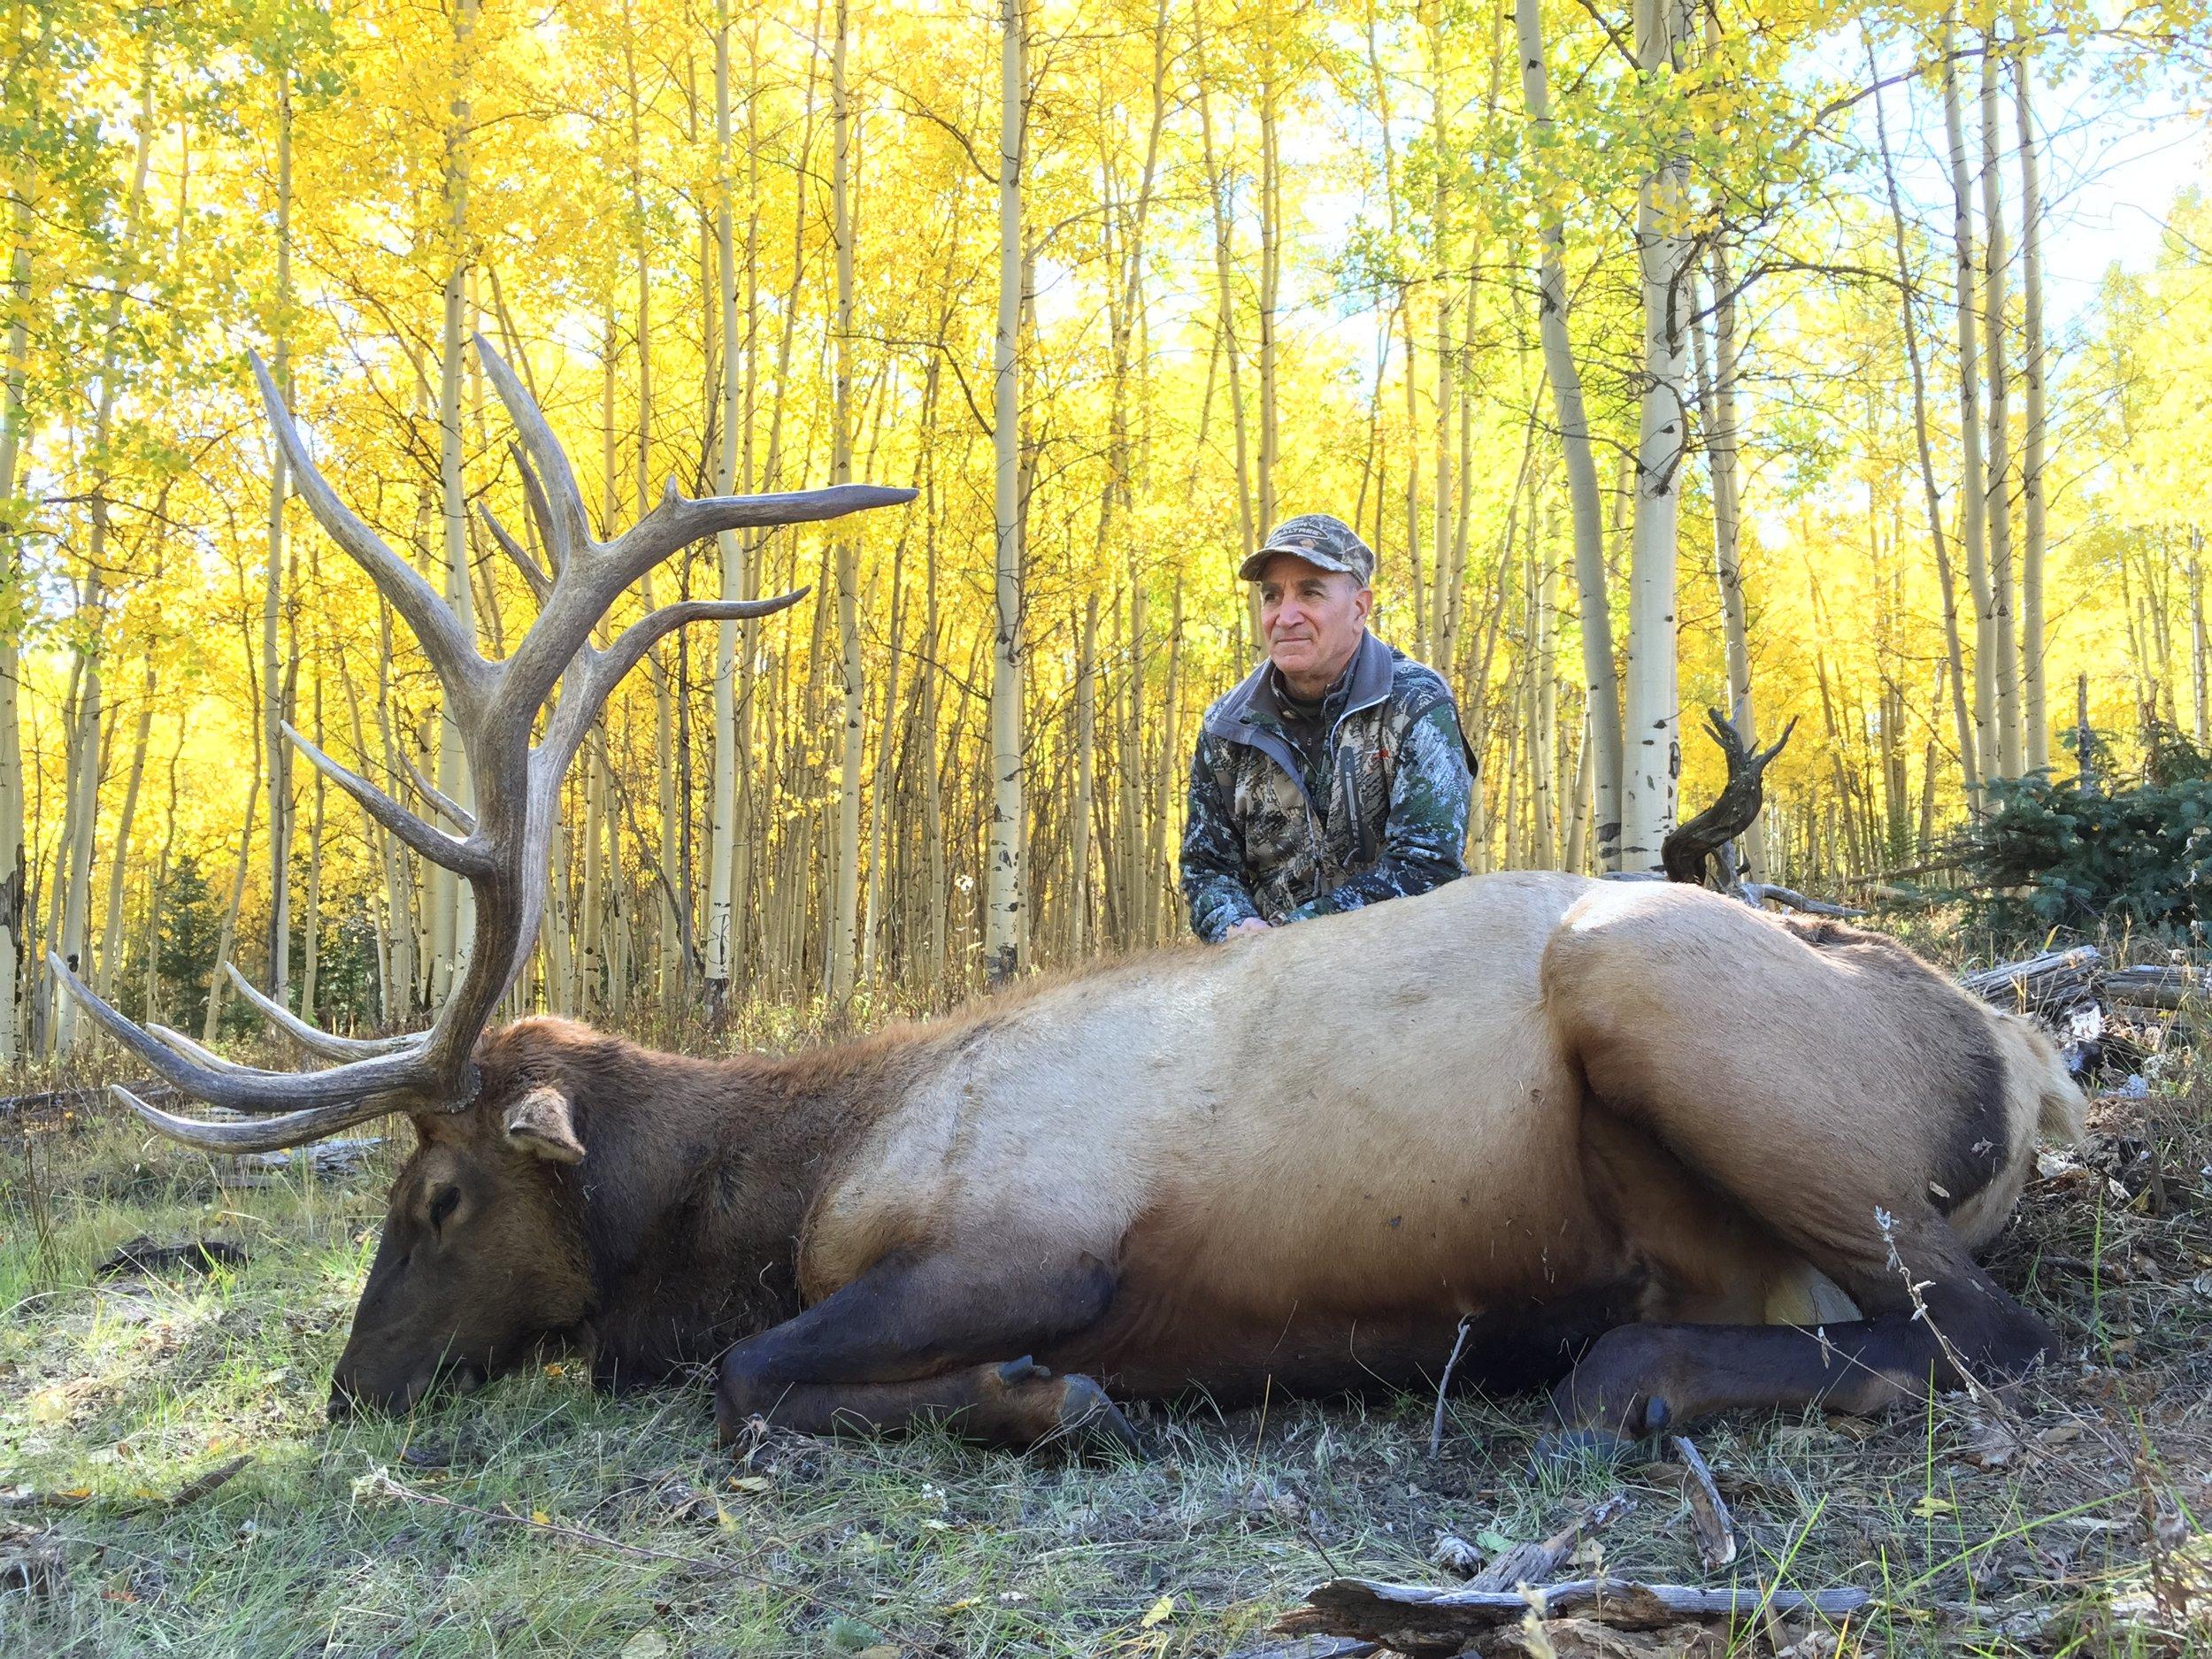 Colorado 2015 elk hunt